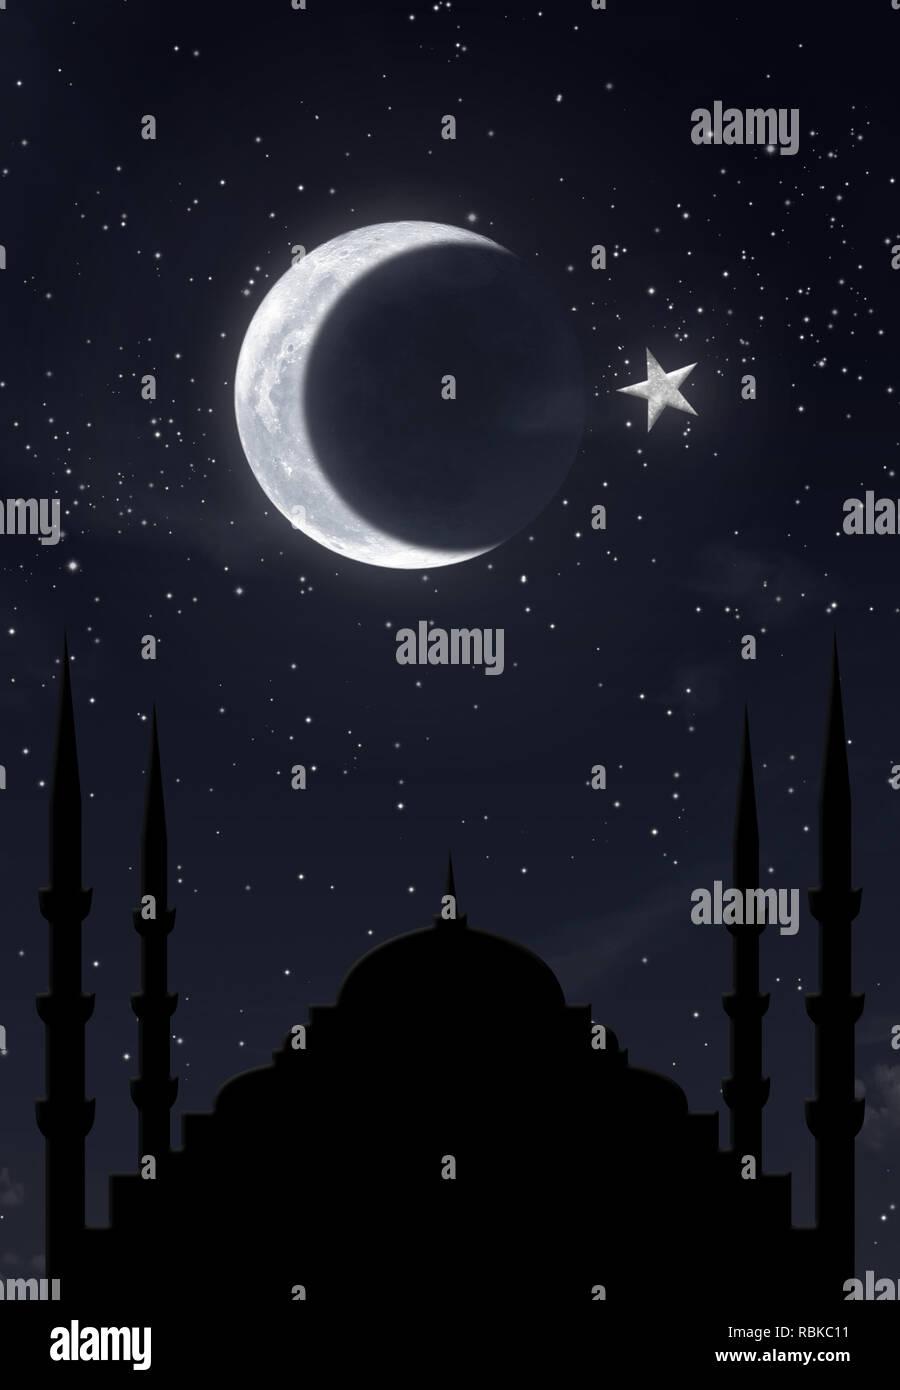 islamic symbol hilal over hagia sophia in night sky - Stock Image